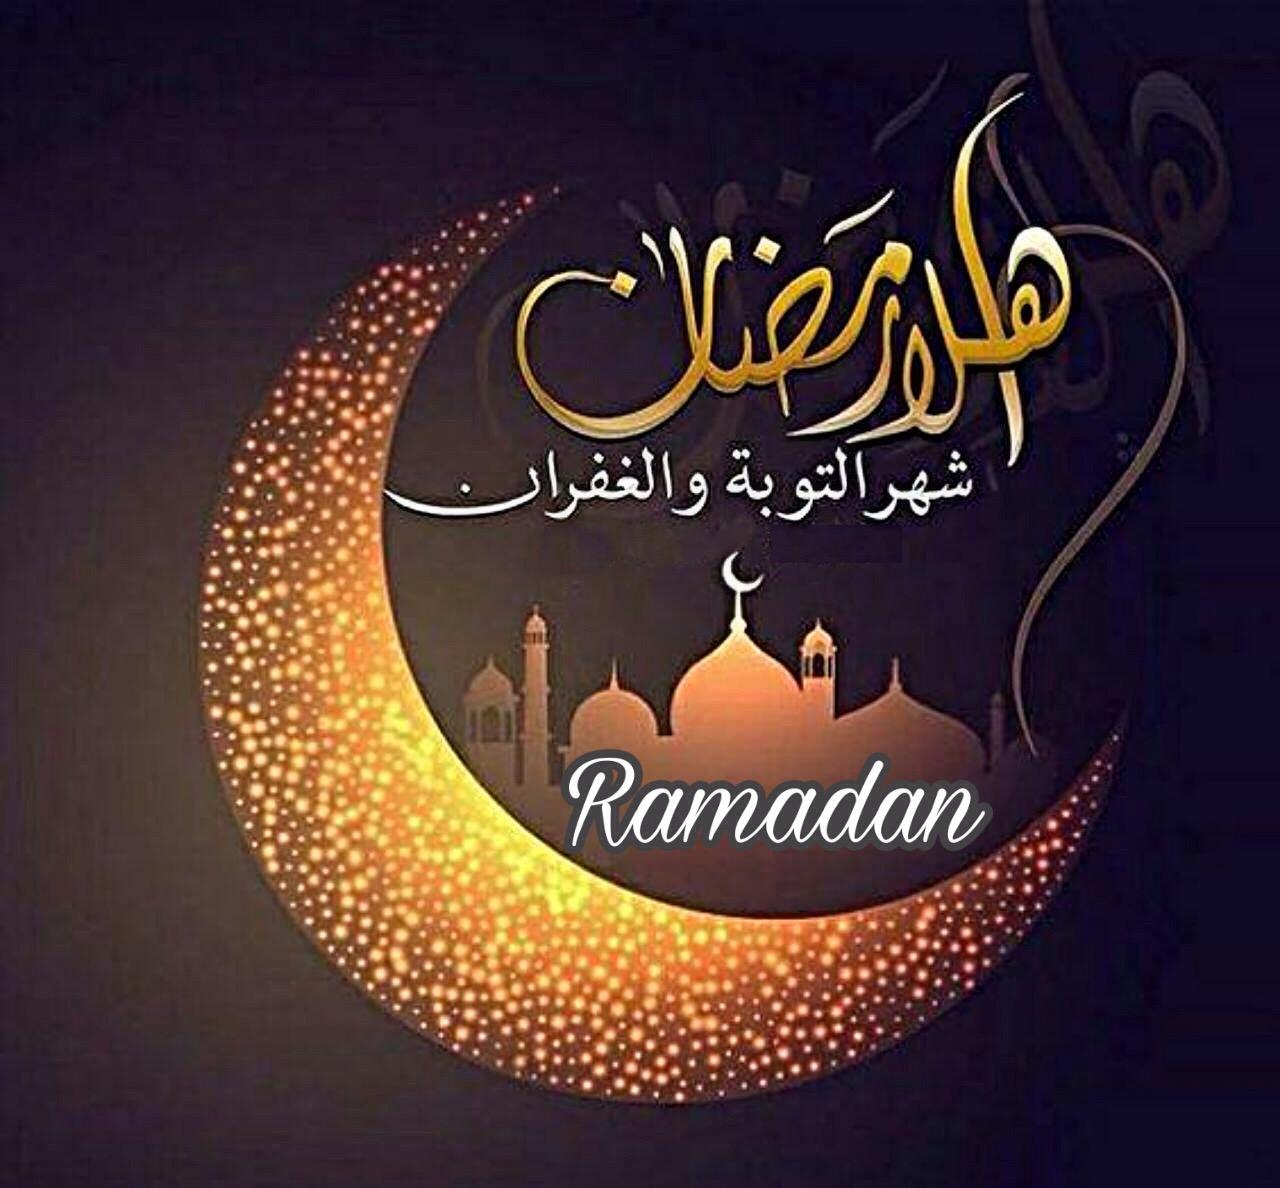 صورة صور في رمضان , اجمل الخلفيات لشهر رمضان المبارك